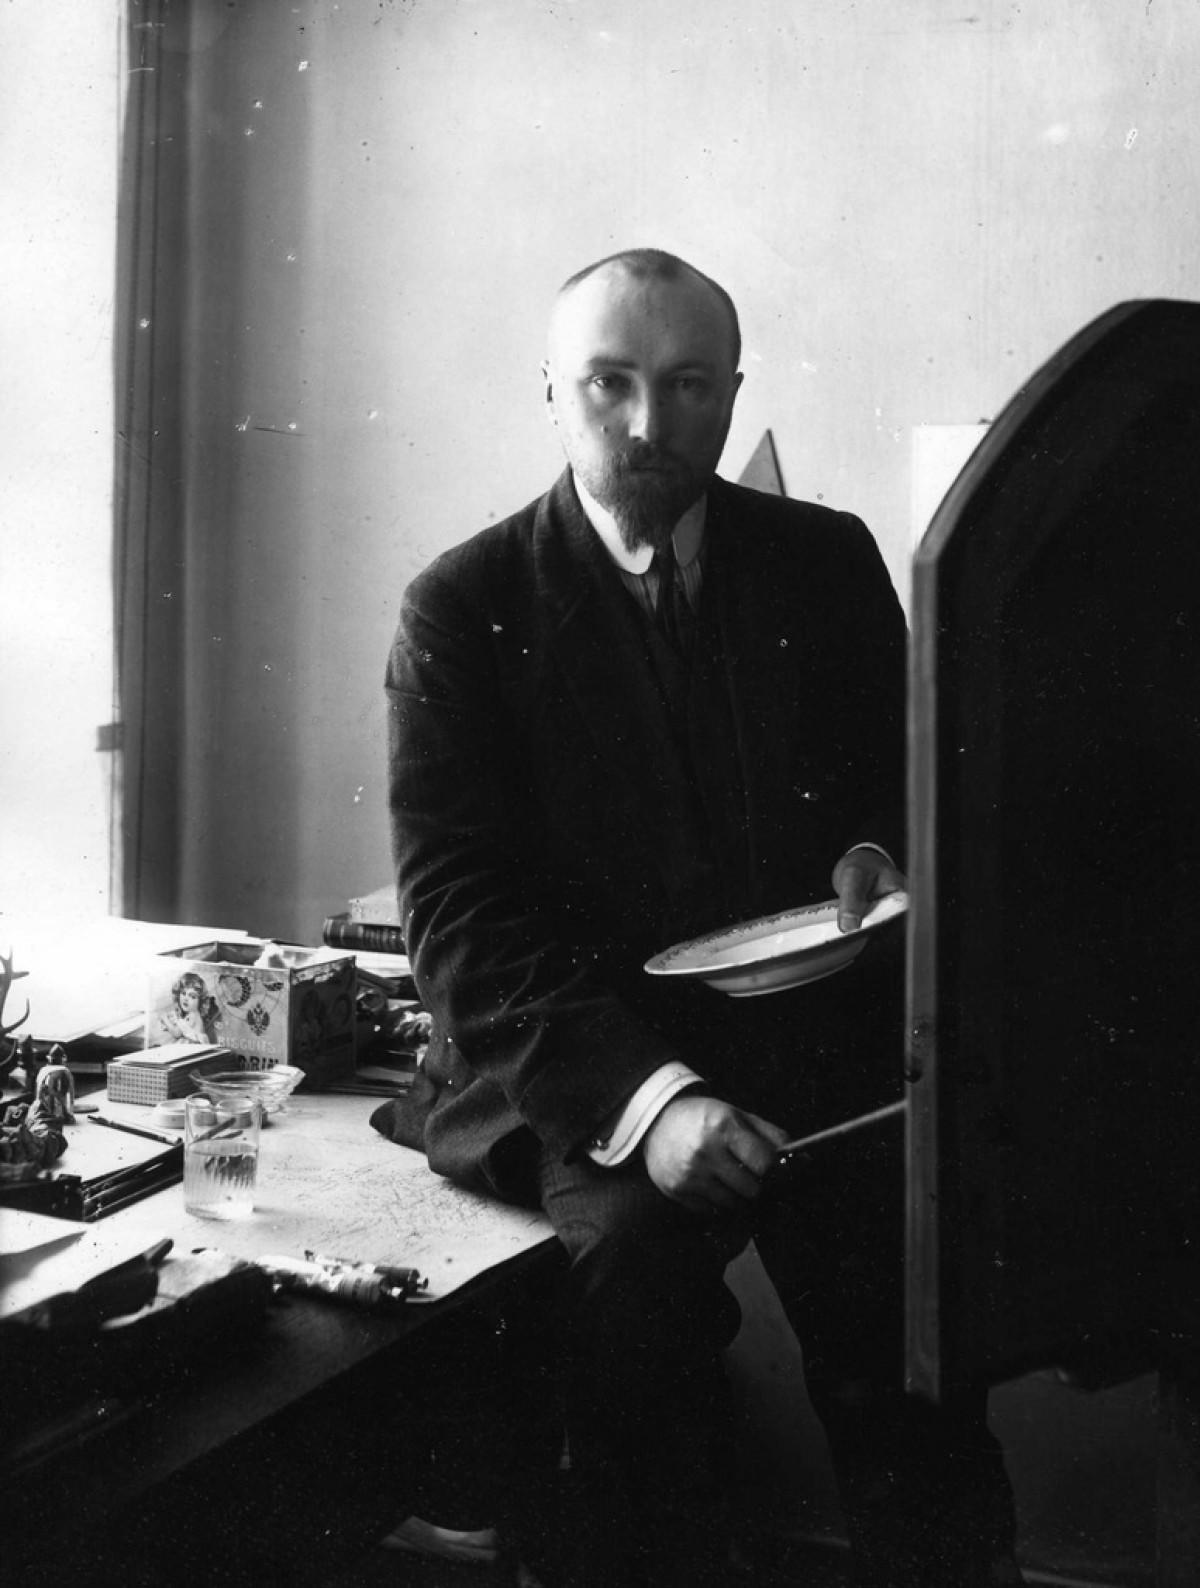 1910-е. Художник Николай Рерих в своей мастерской